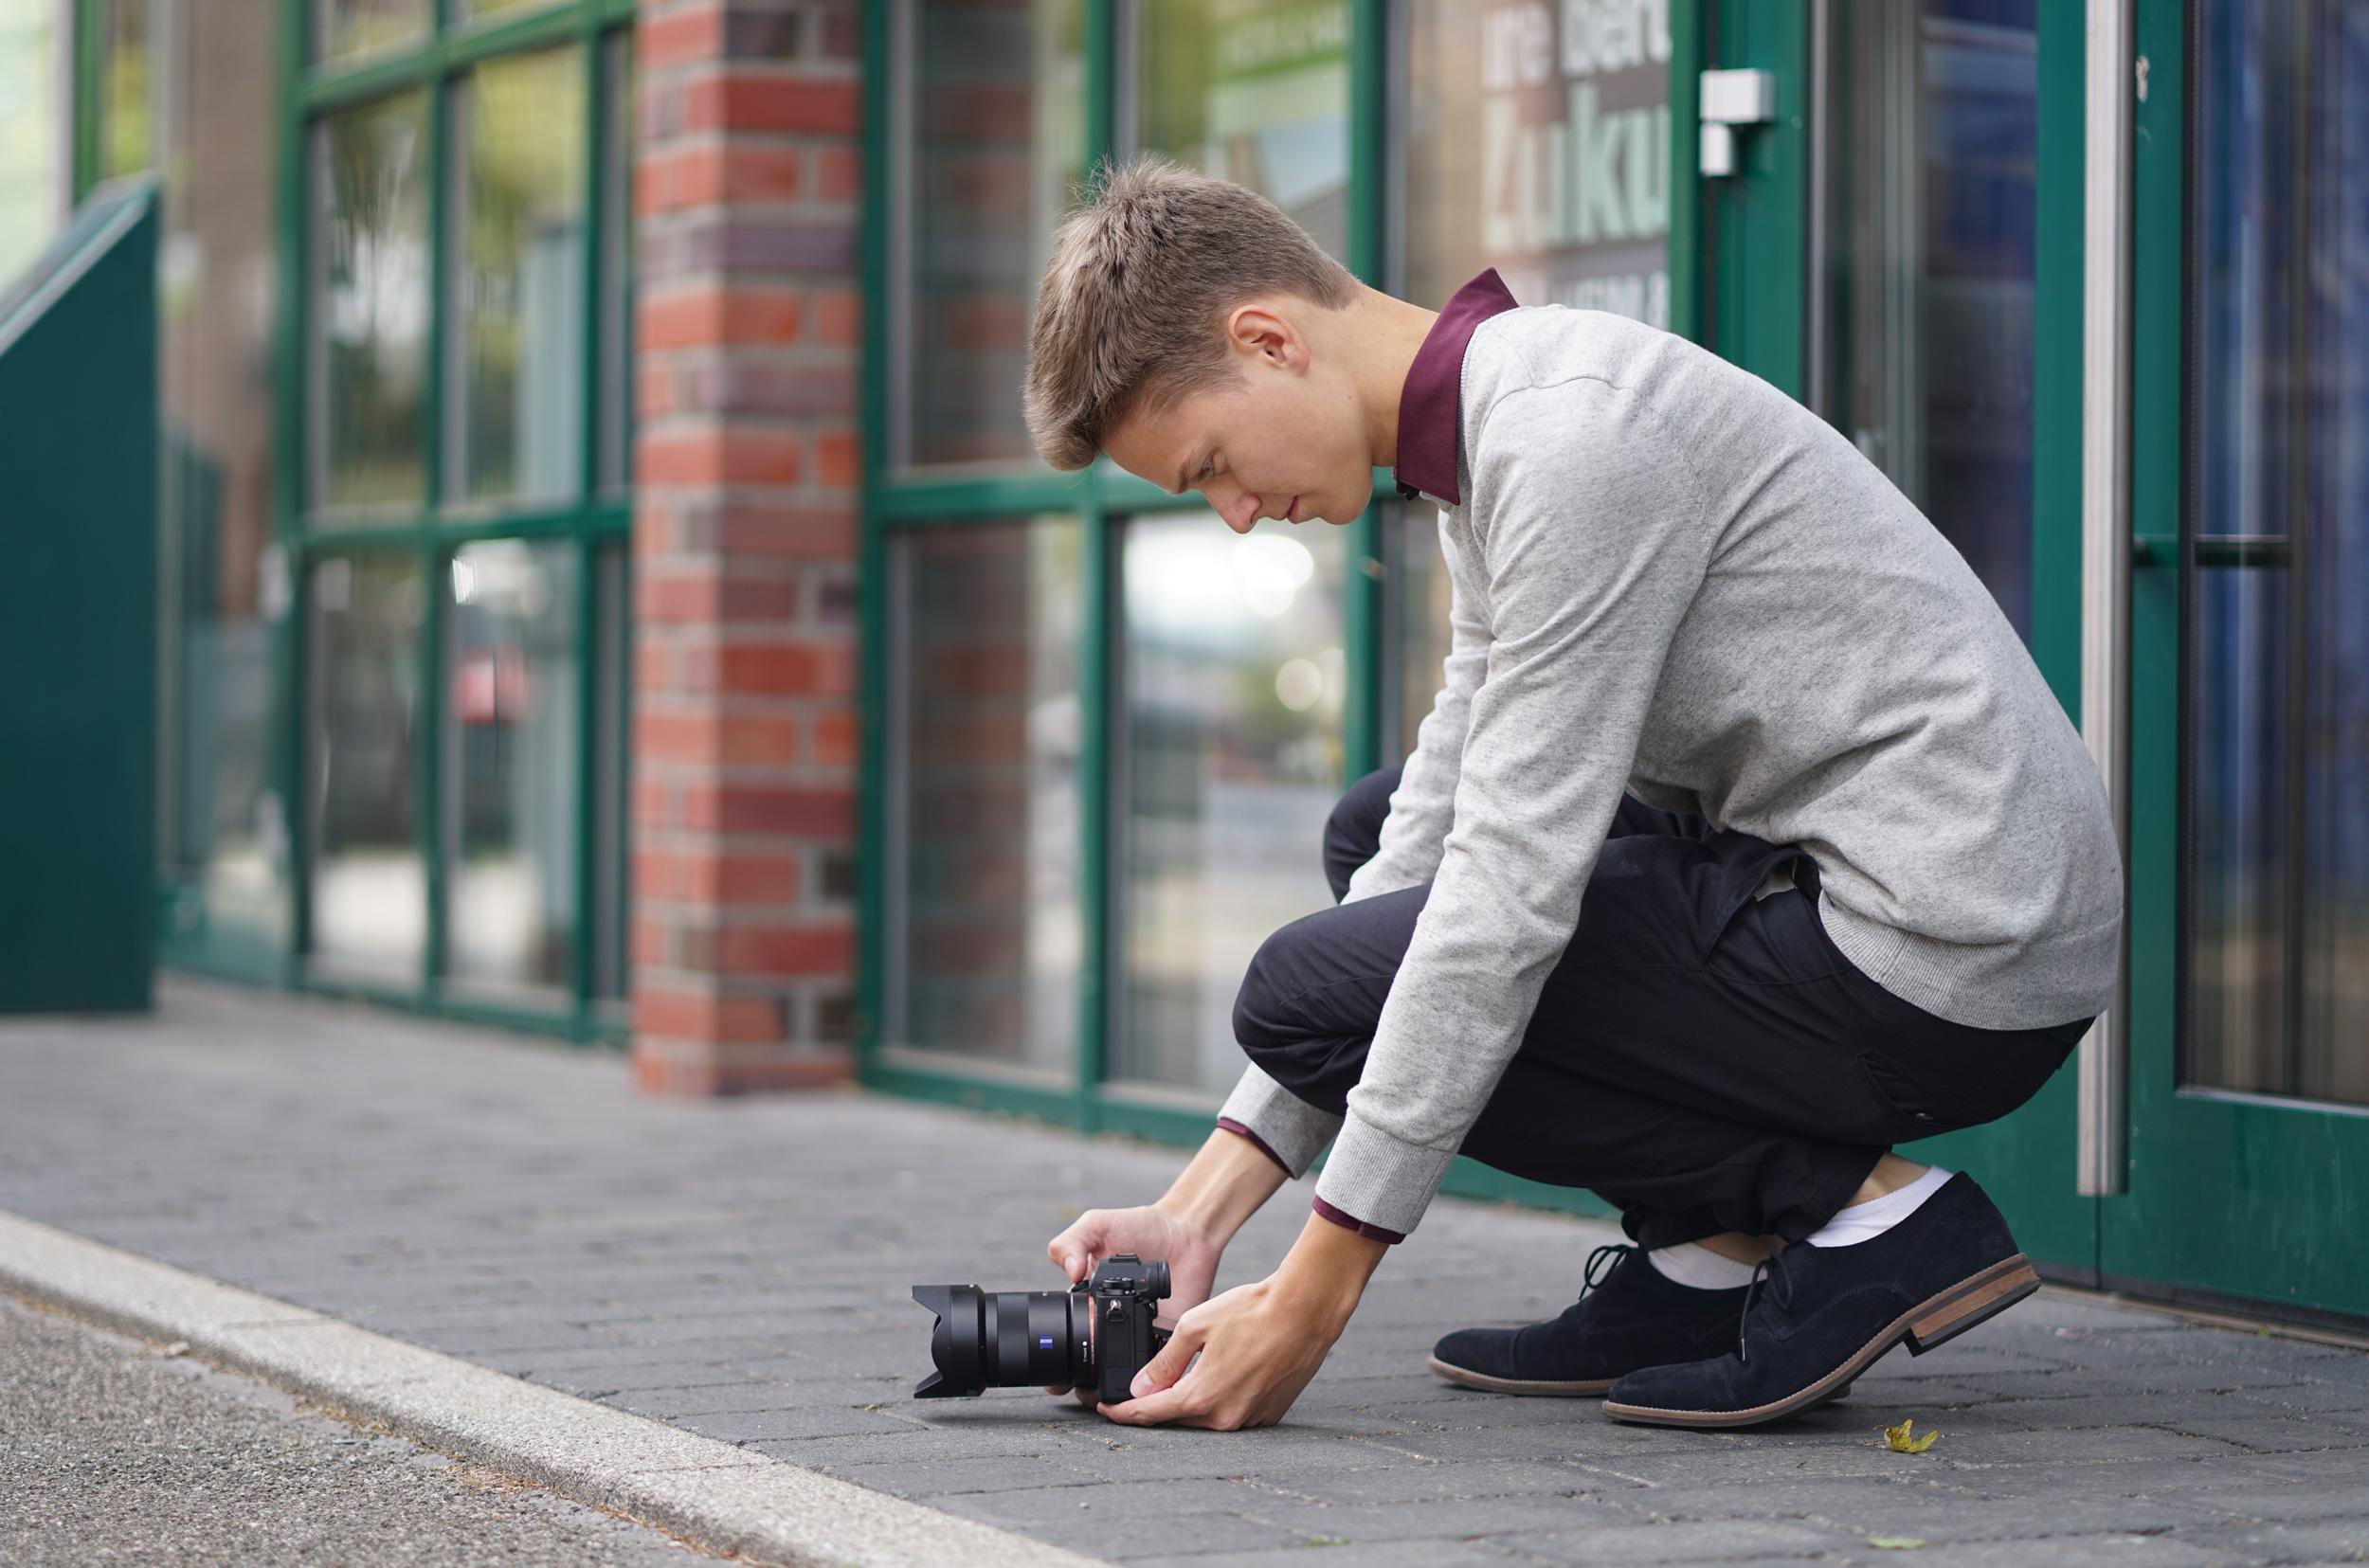 schnappschuss-58-perspektiven-in-der-fotografie-klappdisplay